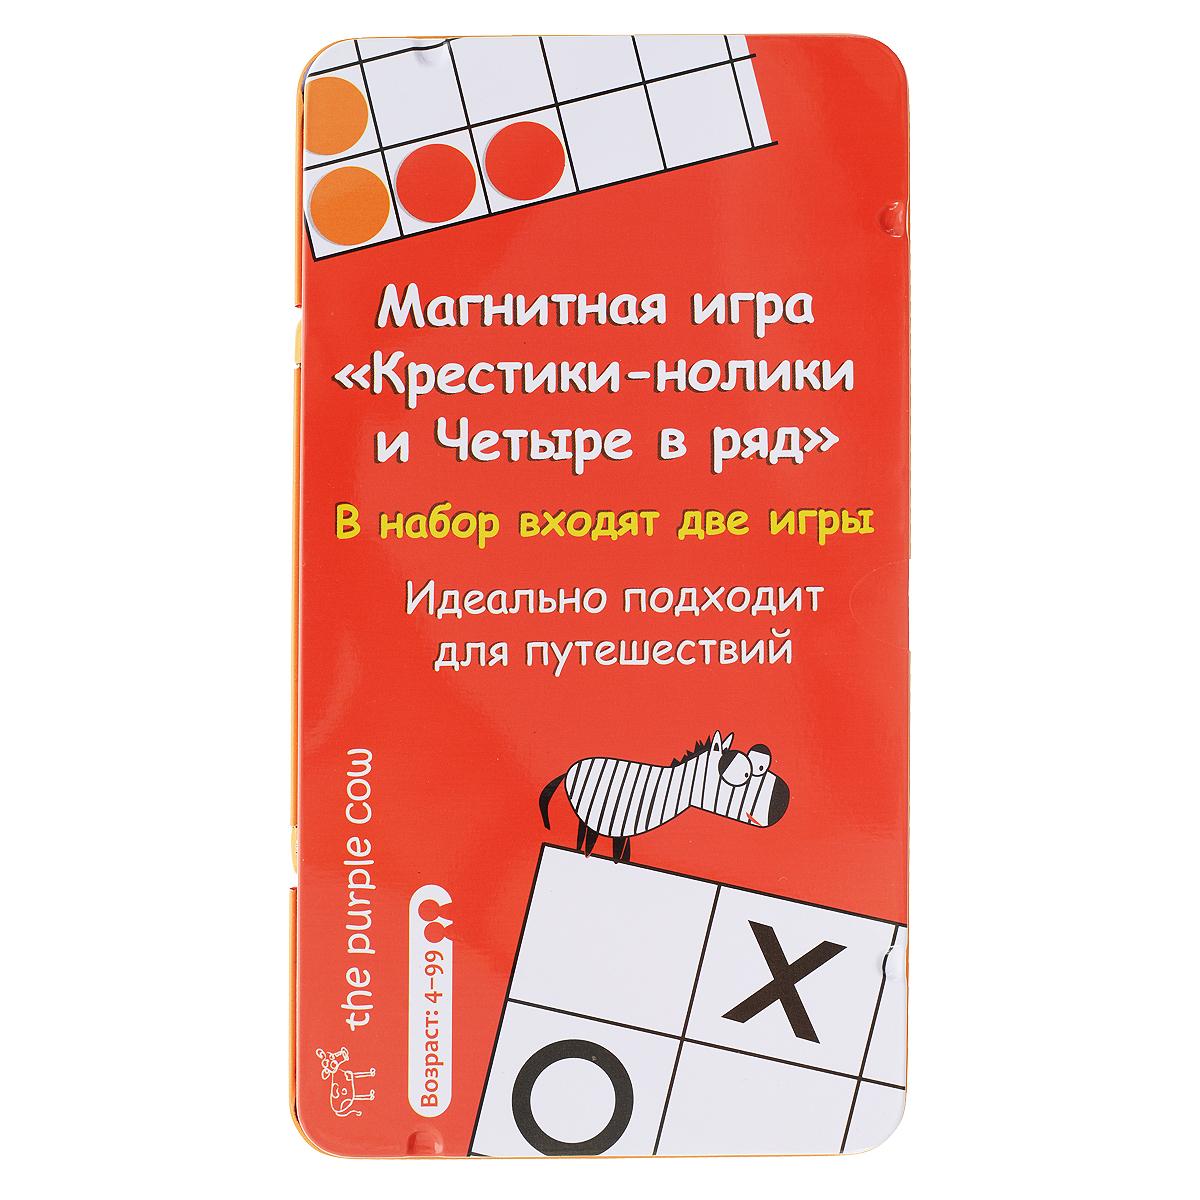 Магнитная игра The Purple Cow Крестики-нолики и Четыре в ряд890018Магнитная игра The Purple Cow Крестики-нолики и Четыре в ряд состоит из двух популярных игр. Каждая игра несложная и интересная, поможет вам скоротать время. Крестики-нолики. Цель игры: собрать ряд из одинаковых магнитов (по вертикали, по горизонтали или по диагонали). Каждый игрок выбирает магниты с изображением Х (крестик) или О (нолик). Размещая по очереди свои магниты на доске, каждый игрок пытается собрать ряд из трех магнитов с одинаковым изображением. Победителем становится тот, кто первый успевает собрать ряд. Четыре в ряд. Цель игры: собрать ряд из четырех магнитов своего цвета (по вертикали, по горизонтали или по диагонали). Каждый игрок выбирает магниты определенного цвета (белого или черного). Размещая по очереди свои магниты на доске, каждый игрок пытается собрать ряд из четырех магнитов одного цвета. Победителем становится тот, кто первый успевает собрать ряд. Магнитная игра The Purple Cow Крестики-нолики и Четыре в ряд научит вашего ребенка логическому мышлению и...